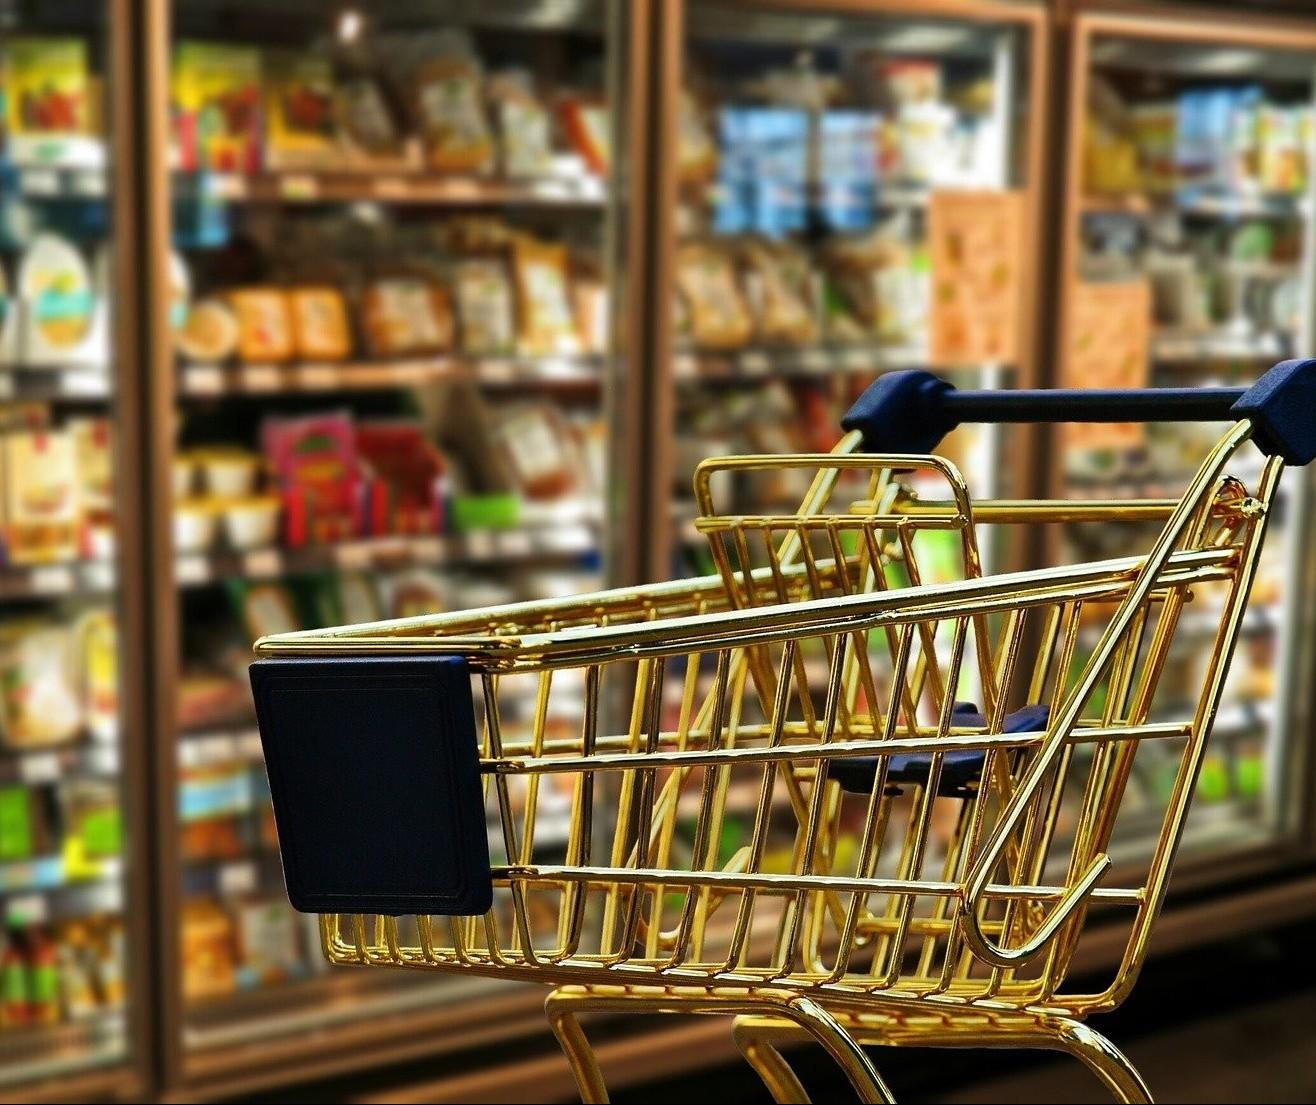 O valor da cesta básica de alimentos em Cascavel aumentou 1,25% em agosto de 2021